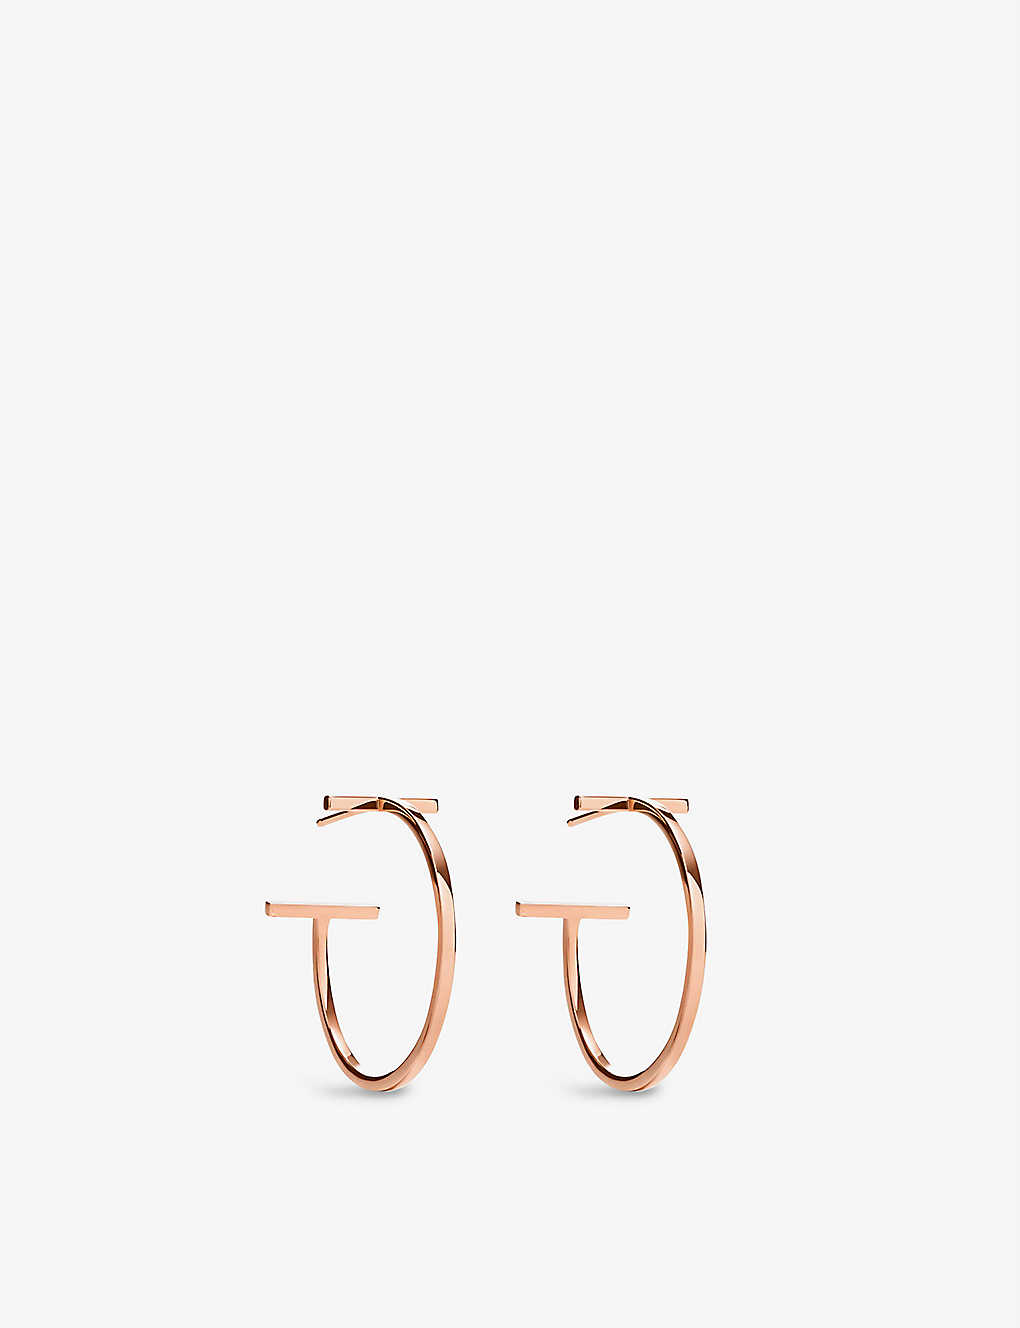 56dbe4677ec2a TIFFANY & CO - Tiffany T 18ct rose-gold wire hoop earrings ...